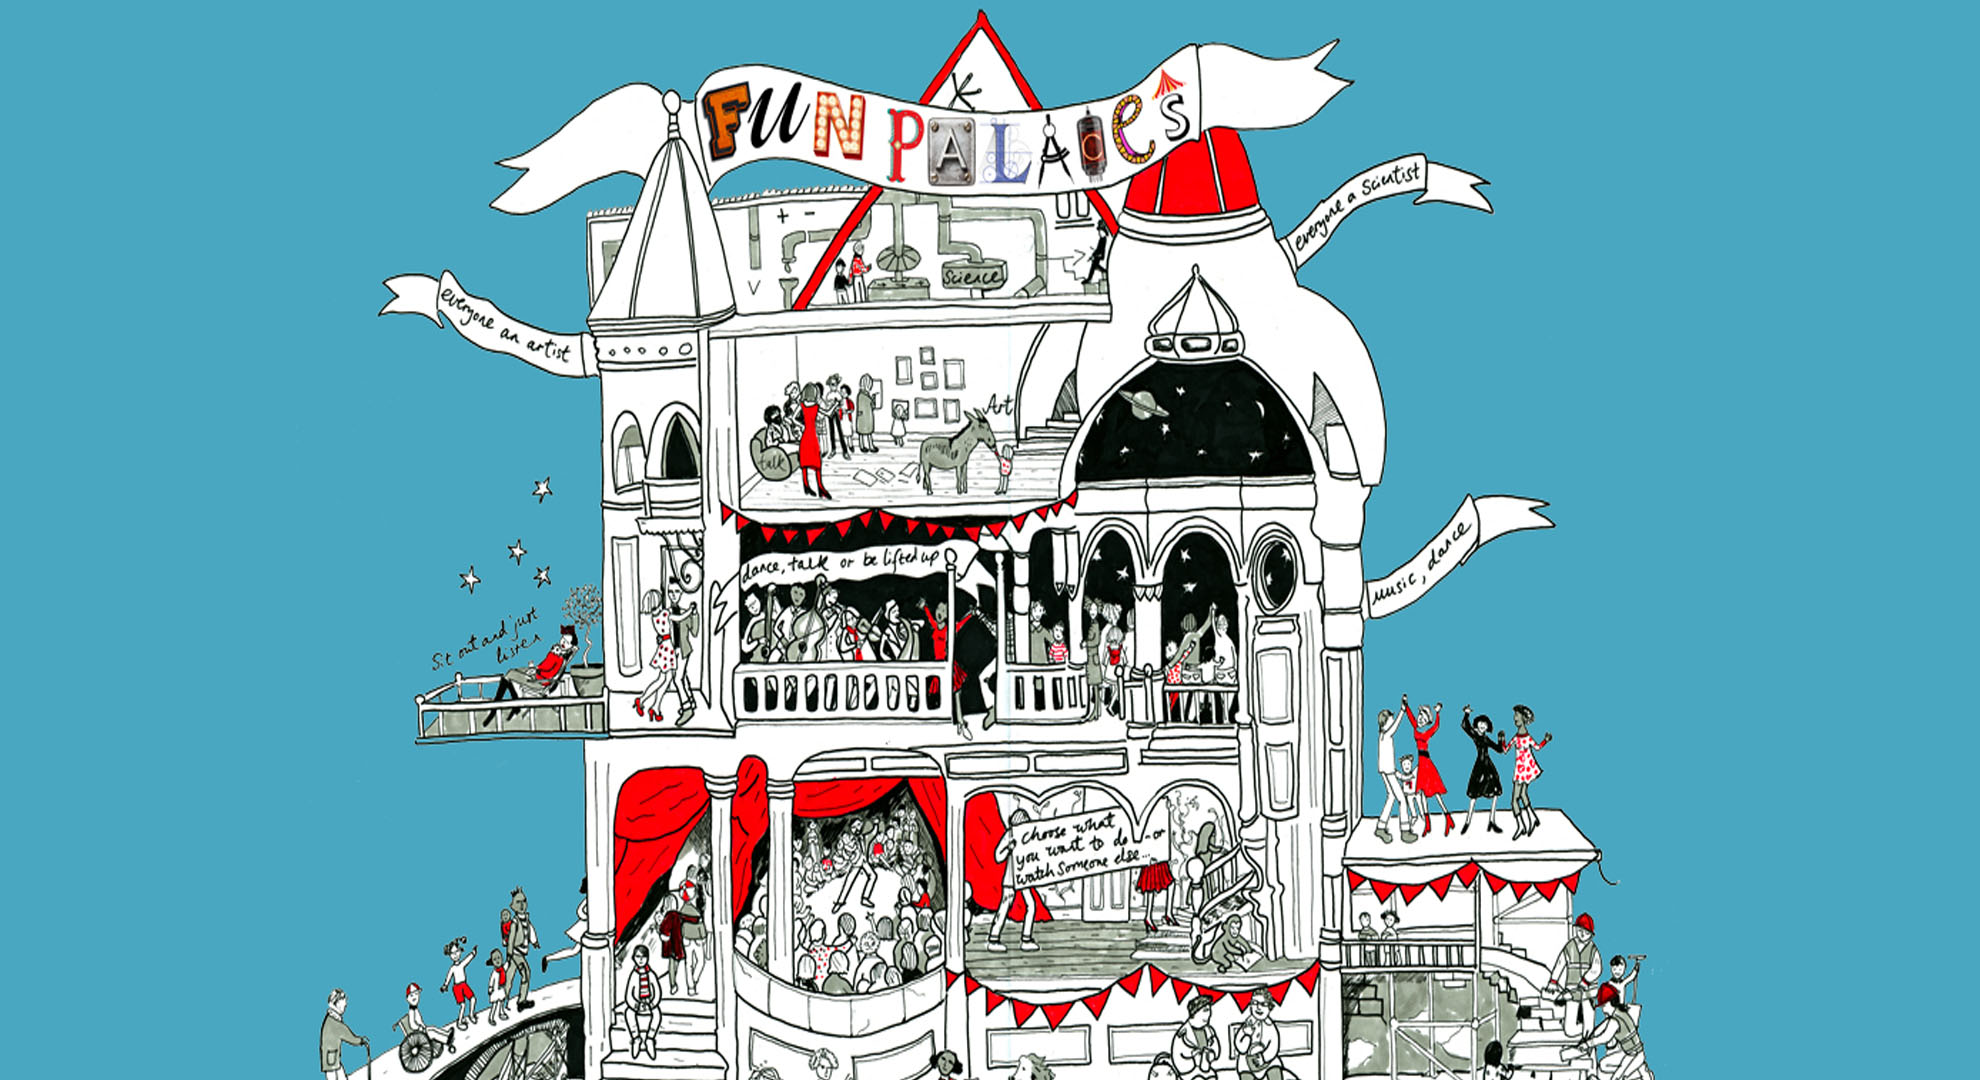 Fun Palaces, un proyecto para fomentar creatividad compartida